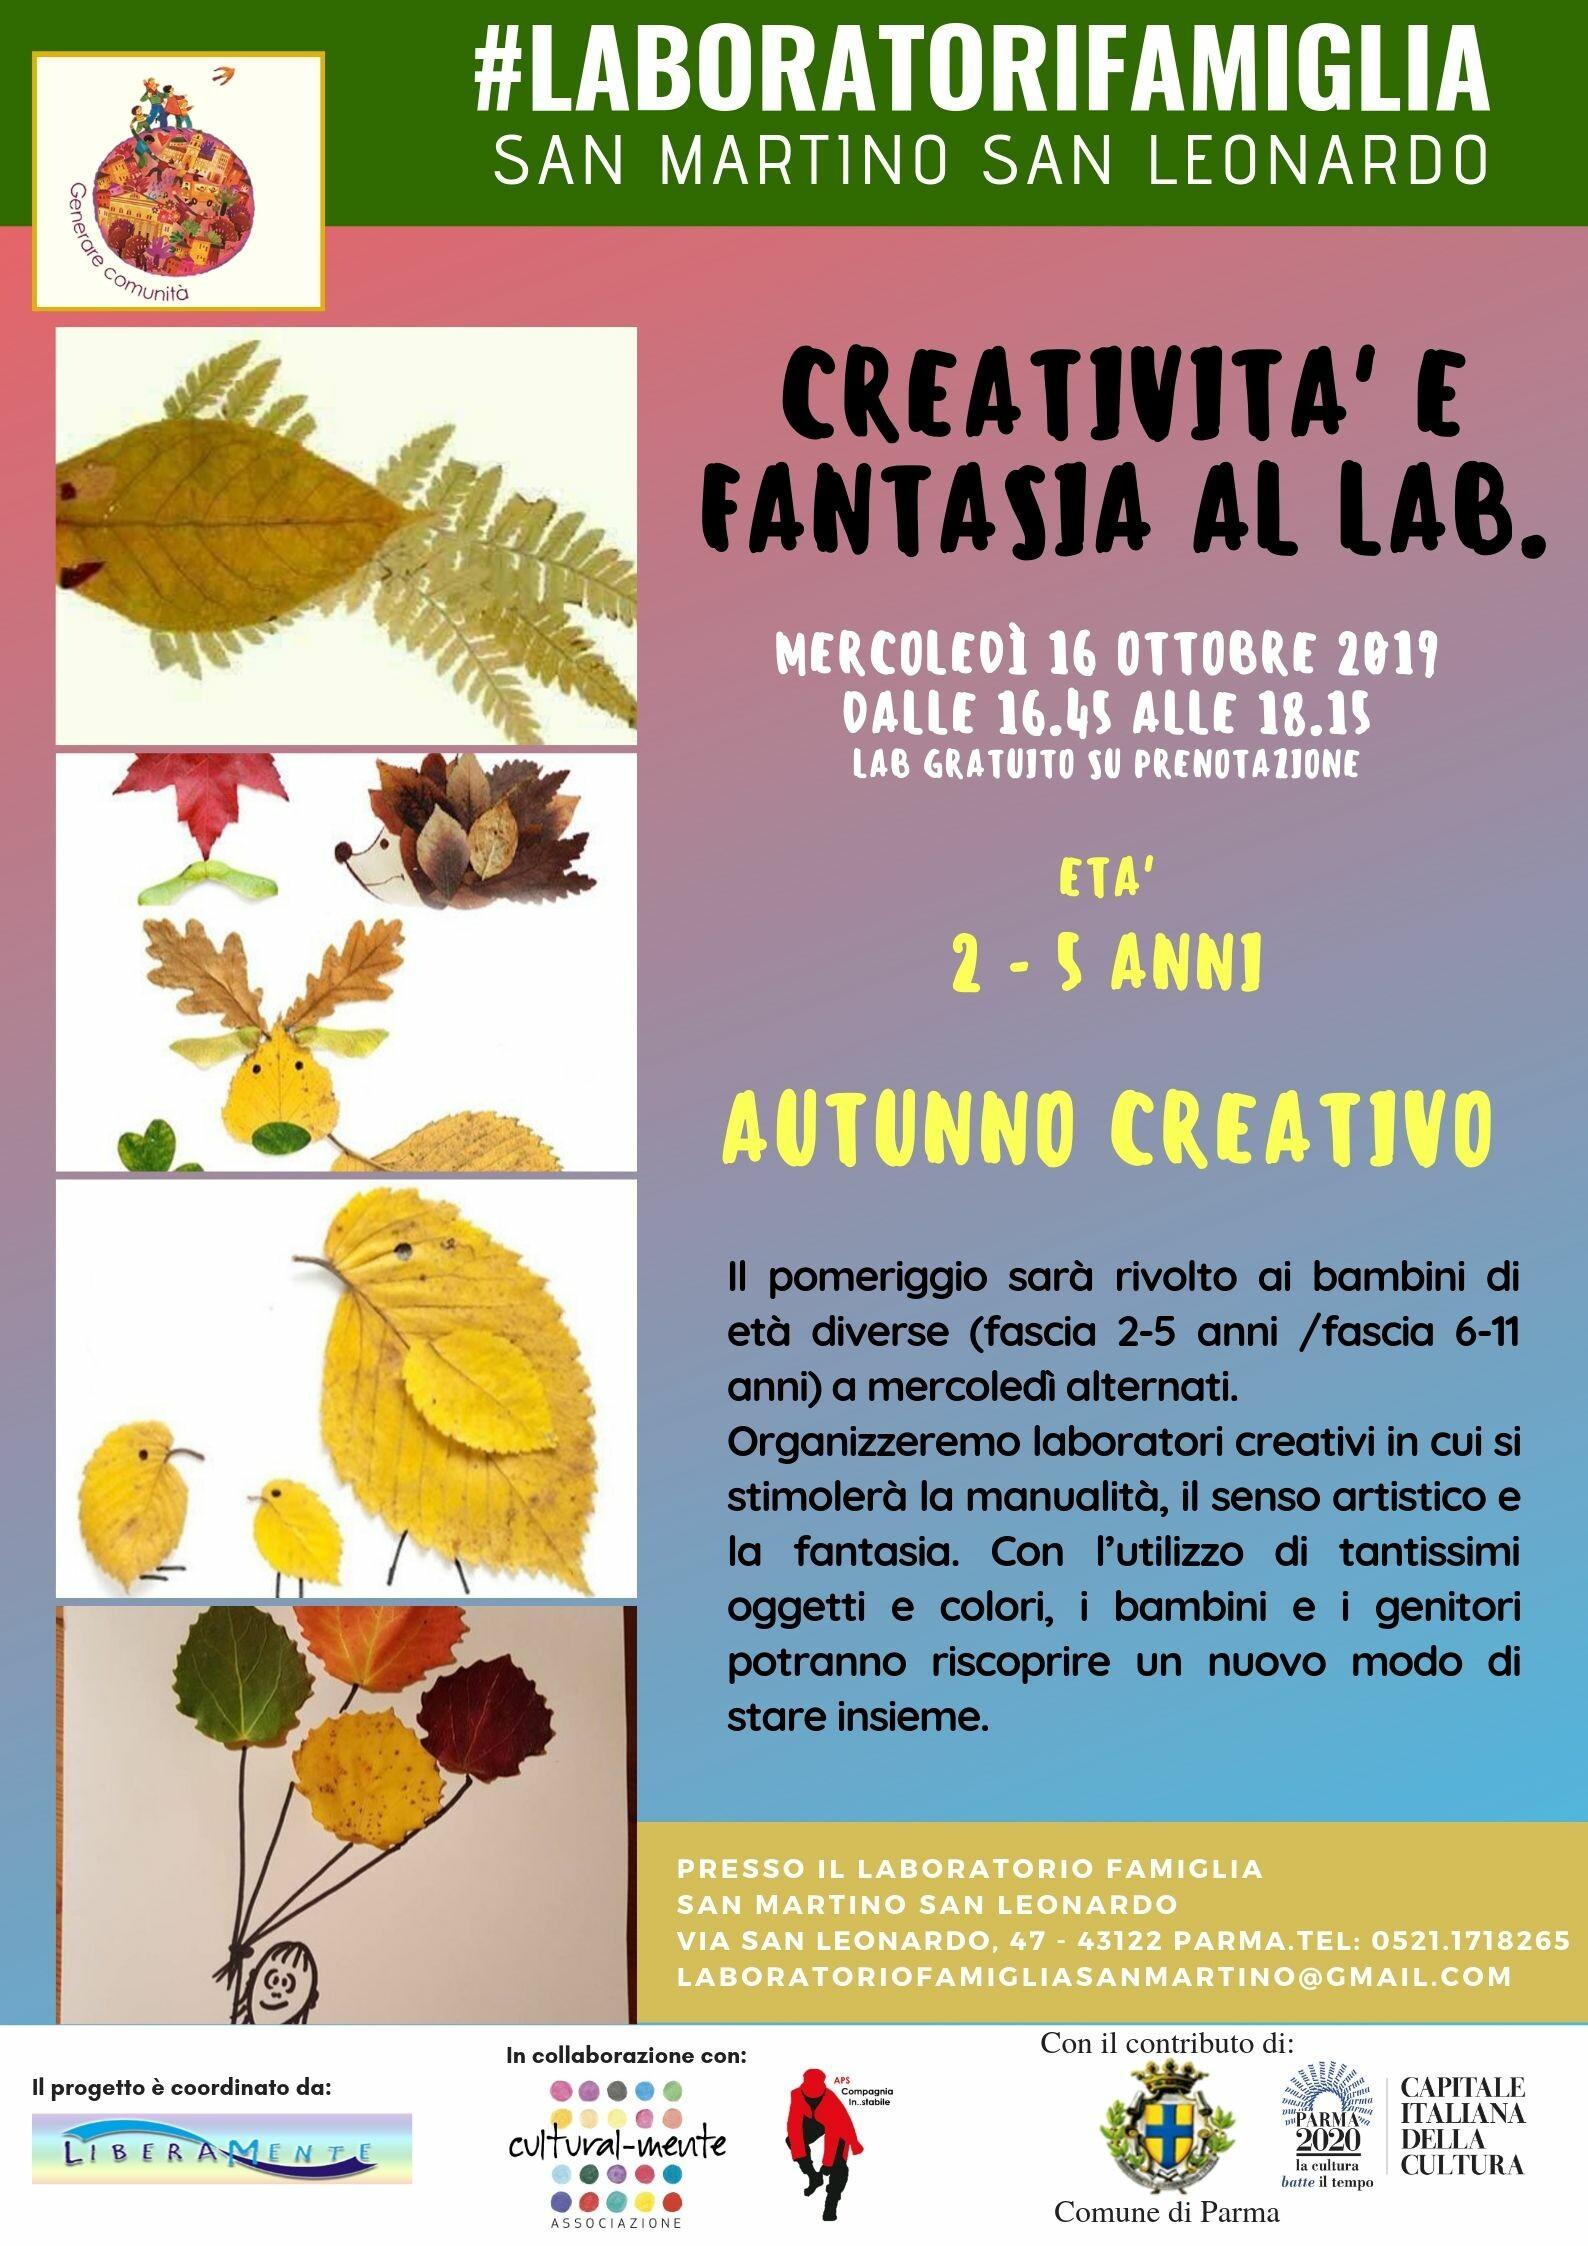 AUTUNNO CREATIVO, laboratorio creativo per bambini al Laboratorio Famiglia